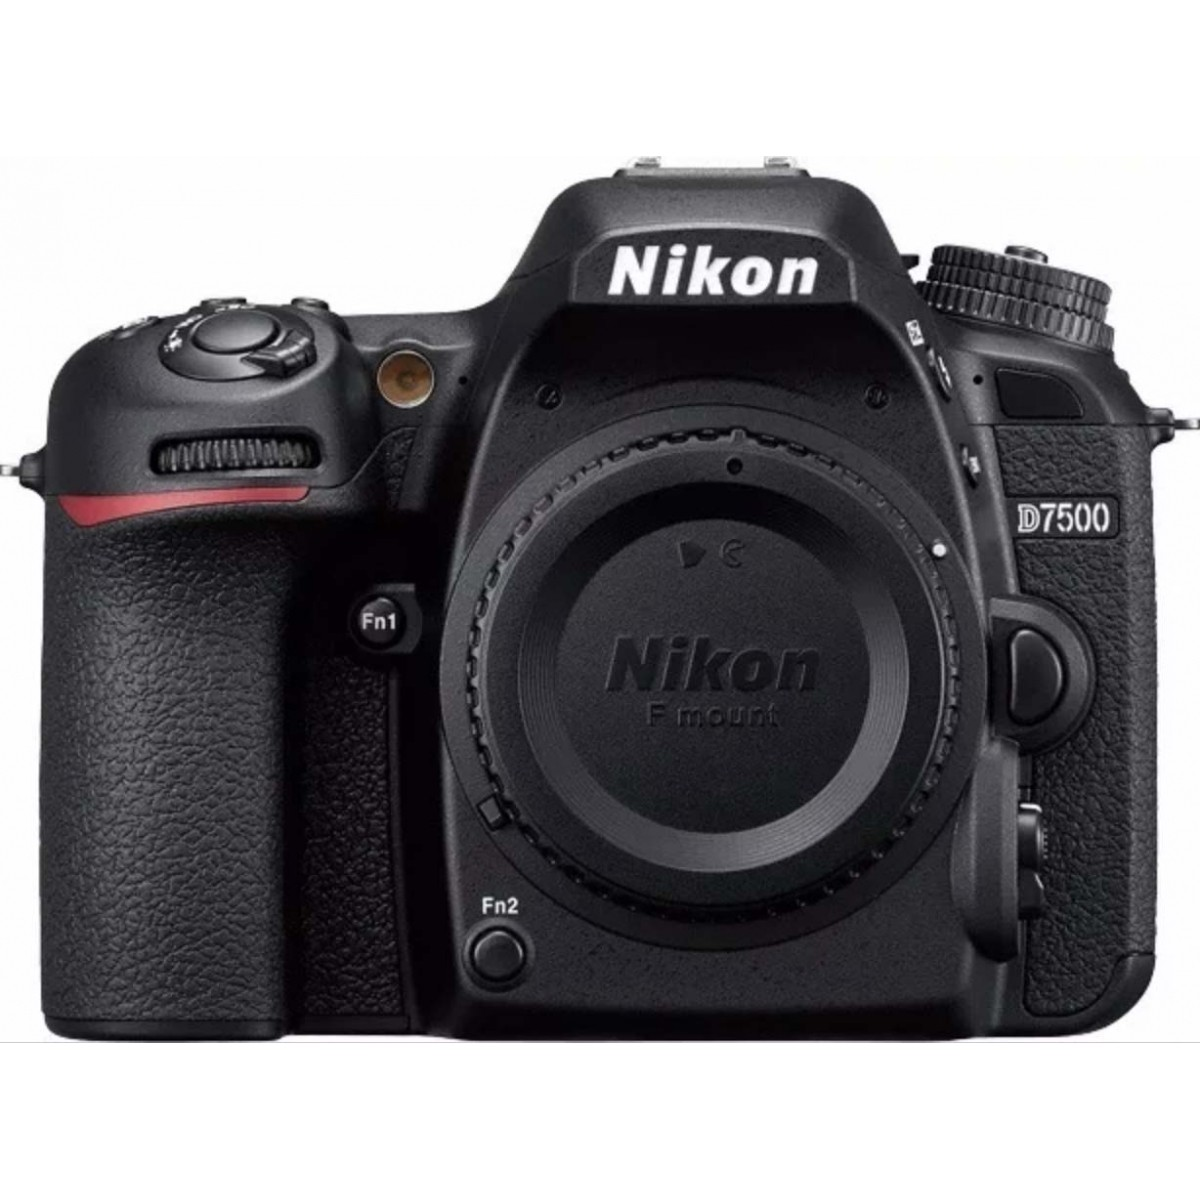 NIKON D7500 KIT 18-55mm VR - 20mp